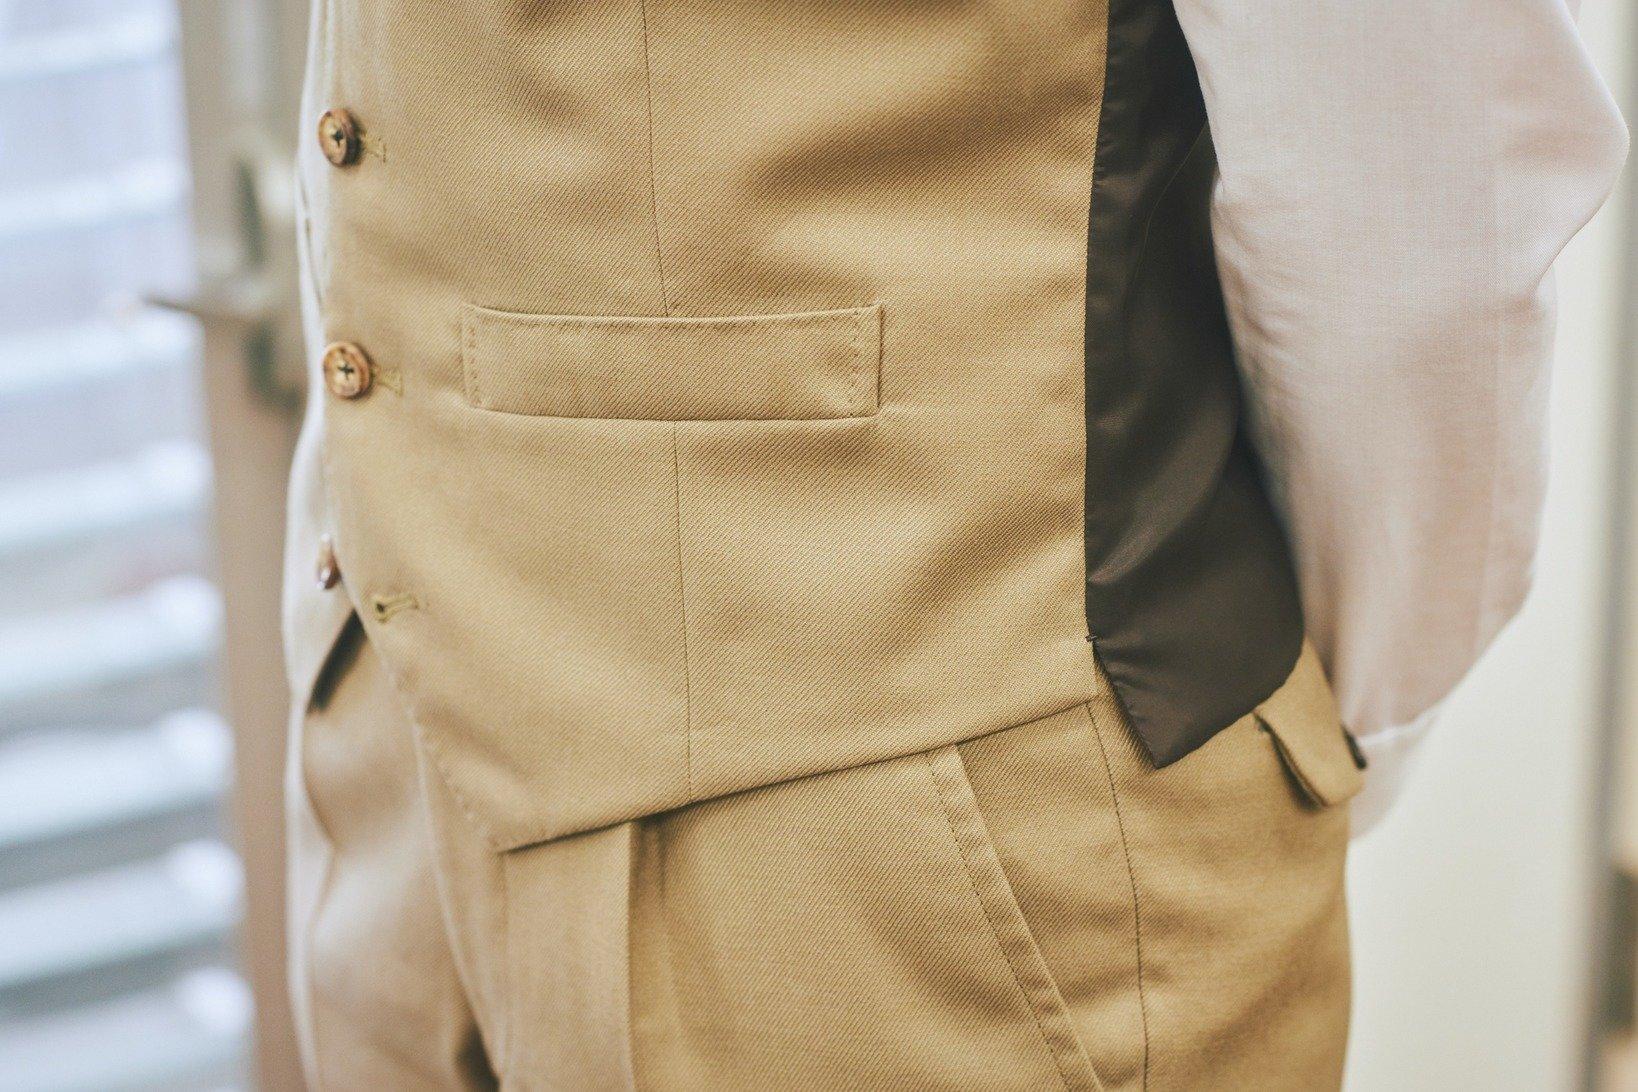 取材当日に着ていたベストは、森田さんご自身で仕立てたもの。色の深さと堀とマット感が気に入っているという水牛のボタンは、麹町の老舗ボタン屋で仕入れている。